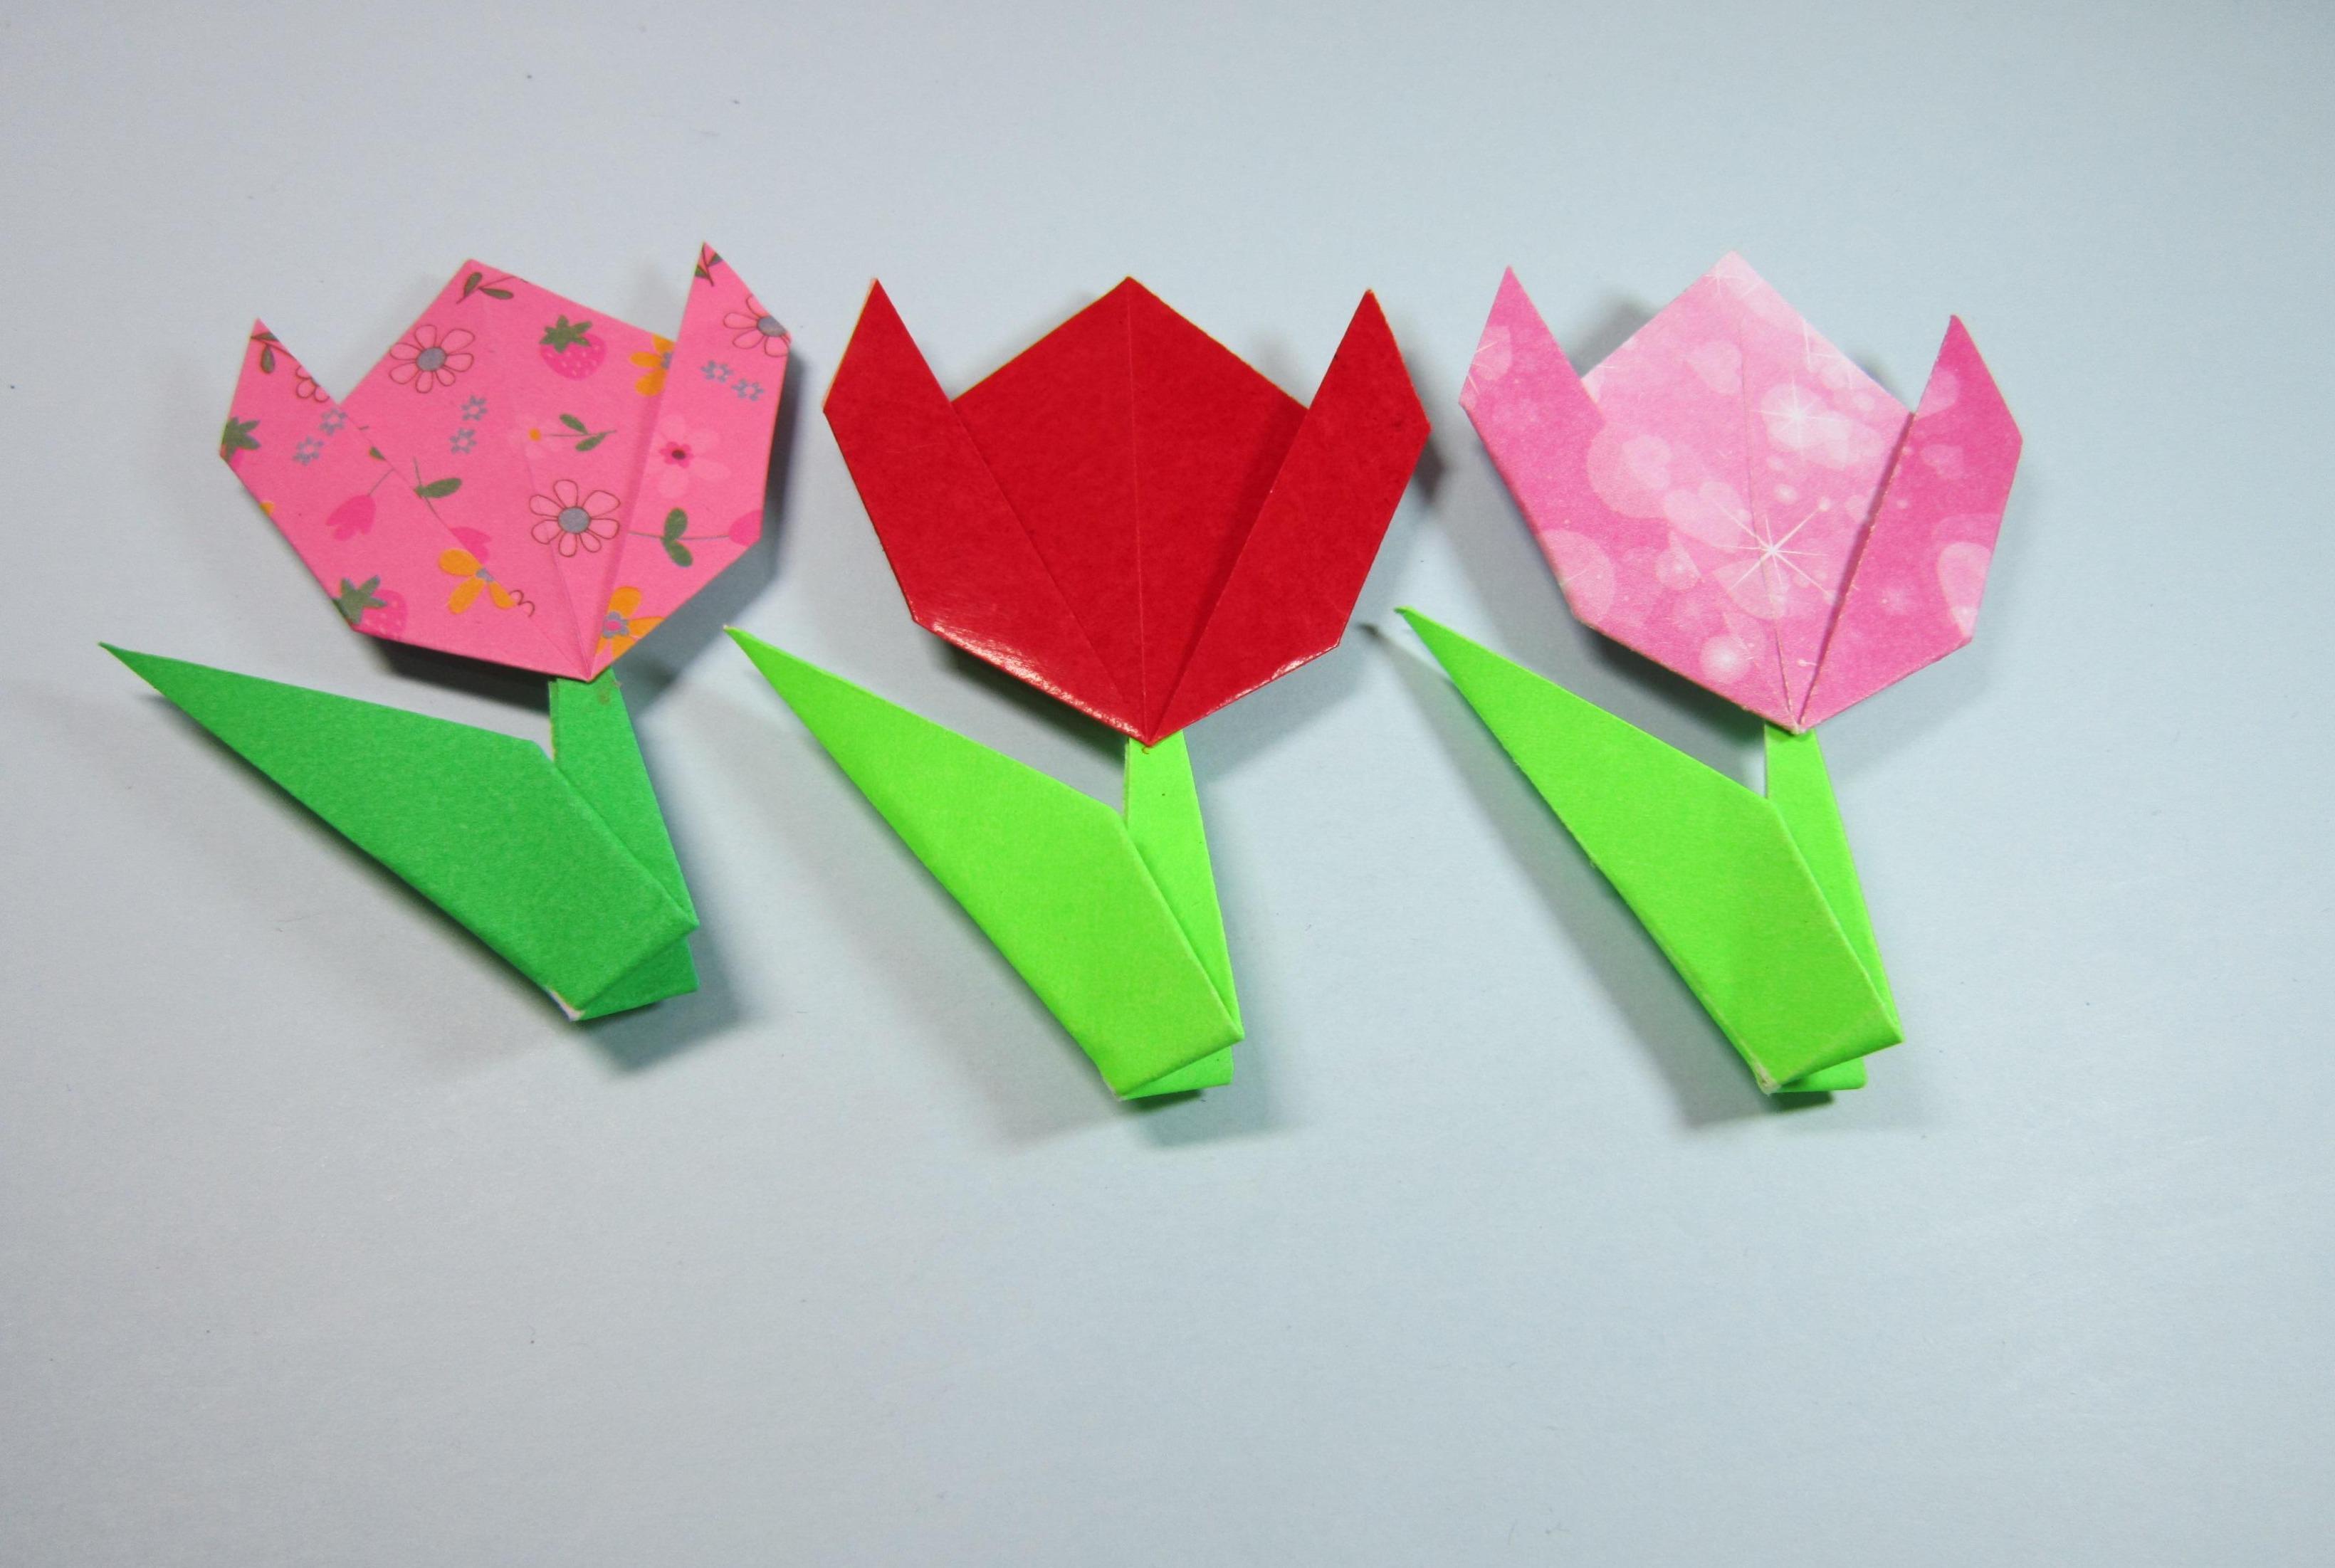 视频:趣味手工折纸郁金香,2张简单的纸就能折出一朵漂亮的郁金香